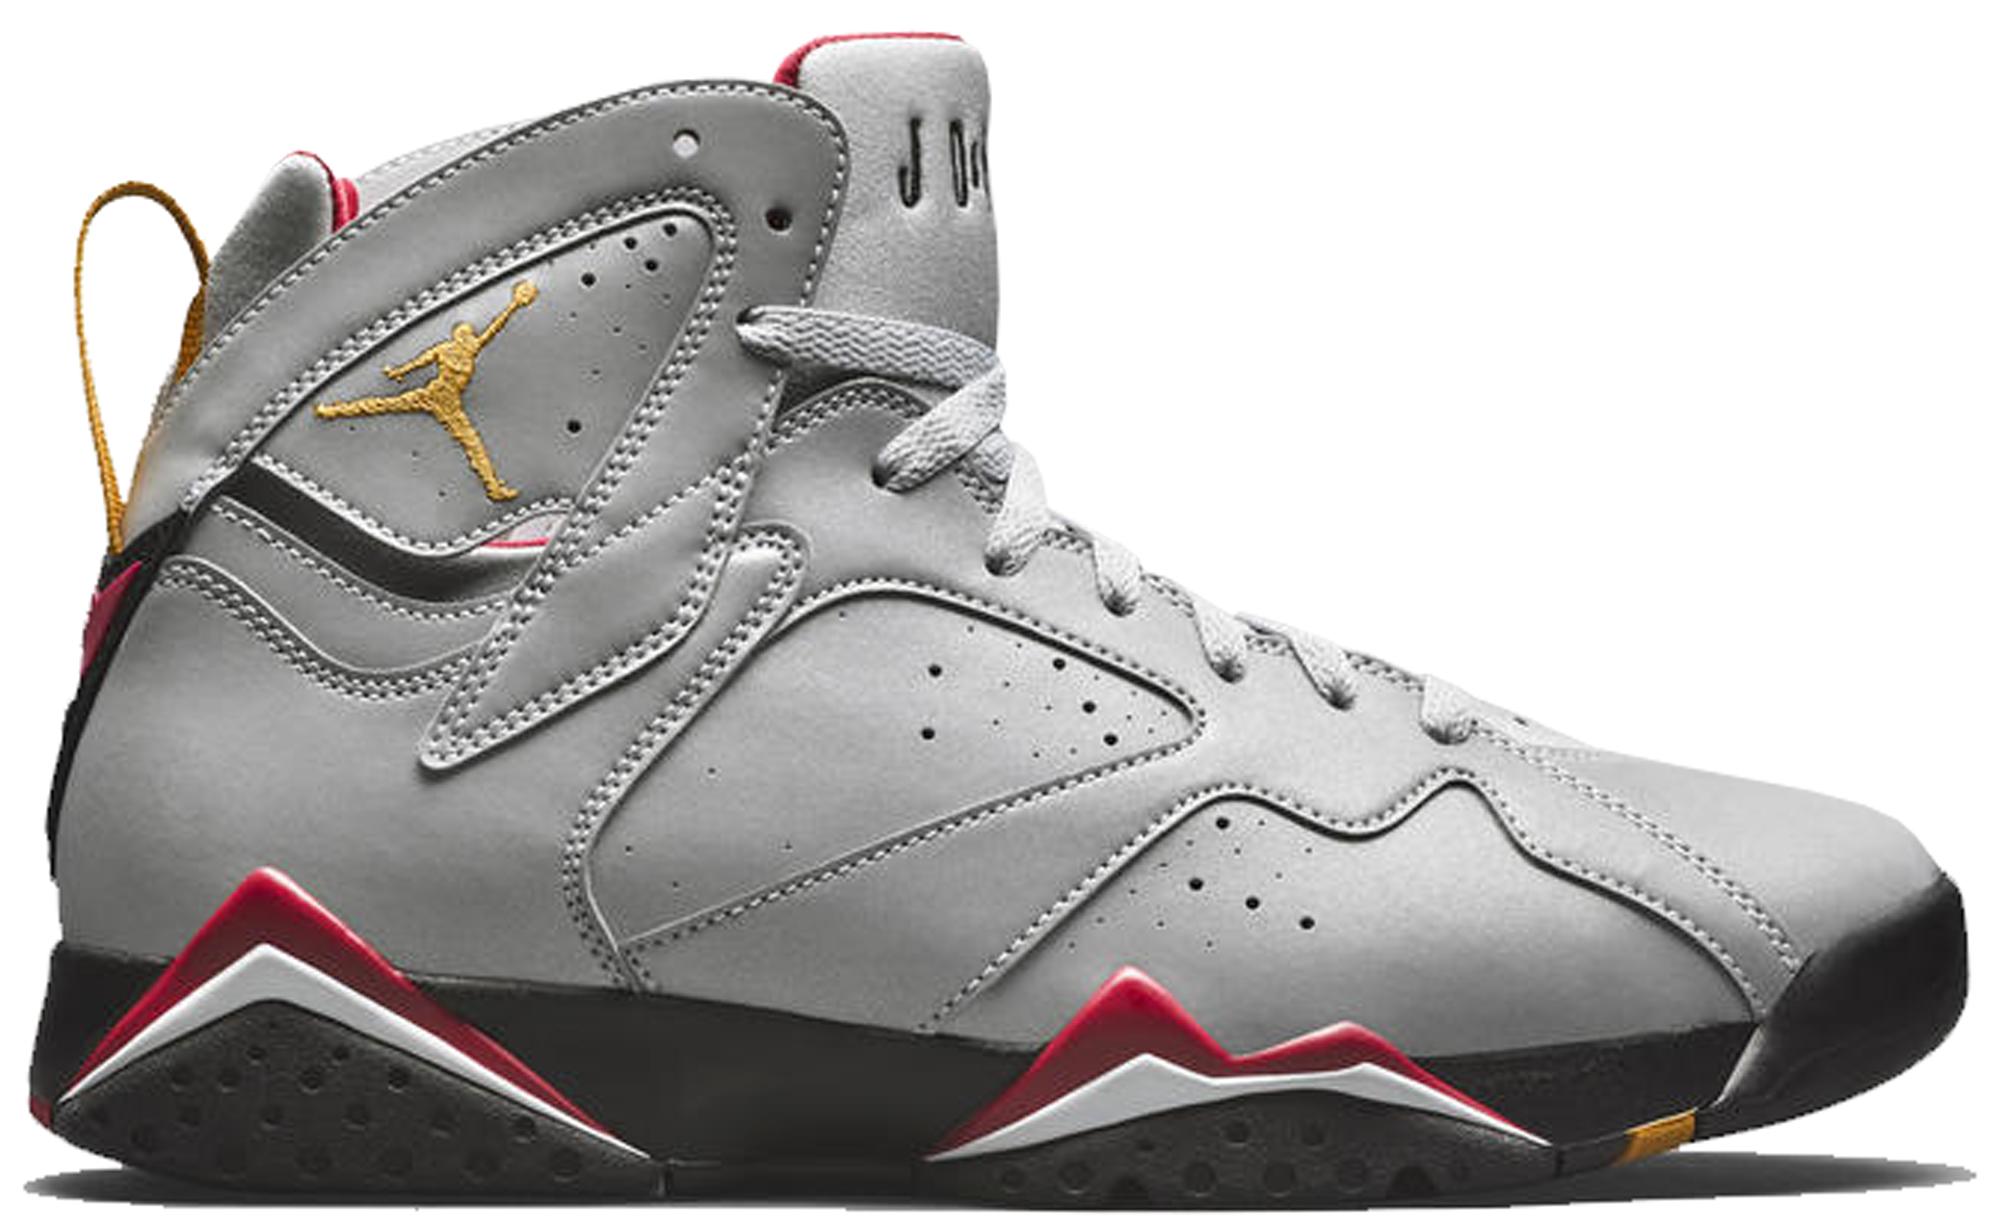 Jordan 7 Retro Reflective Cardinal